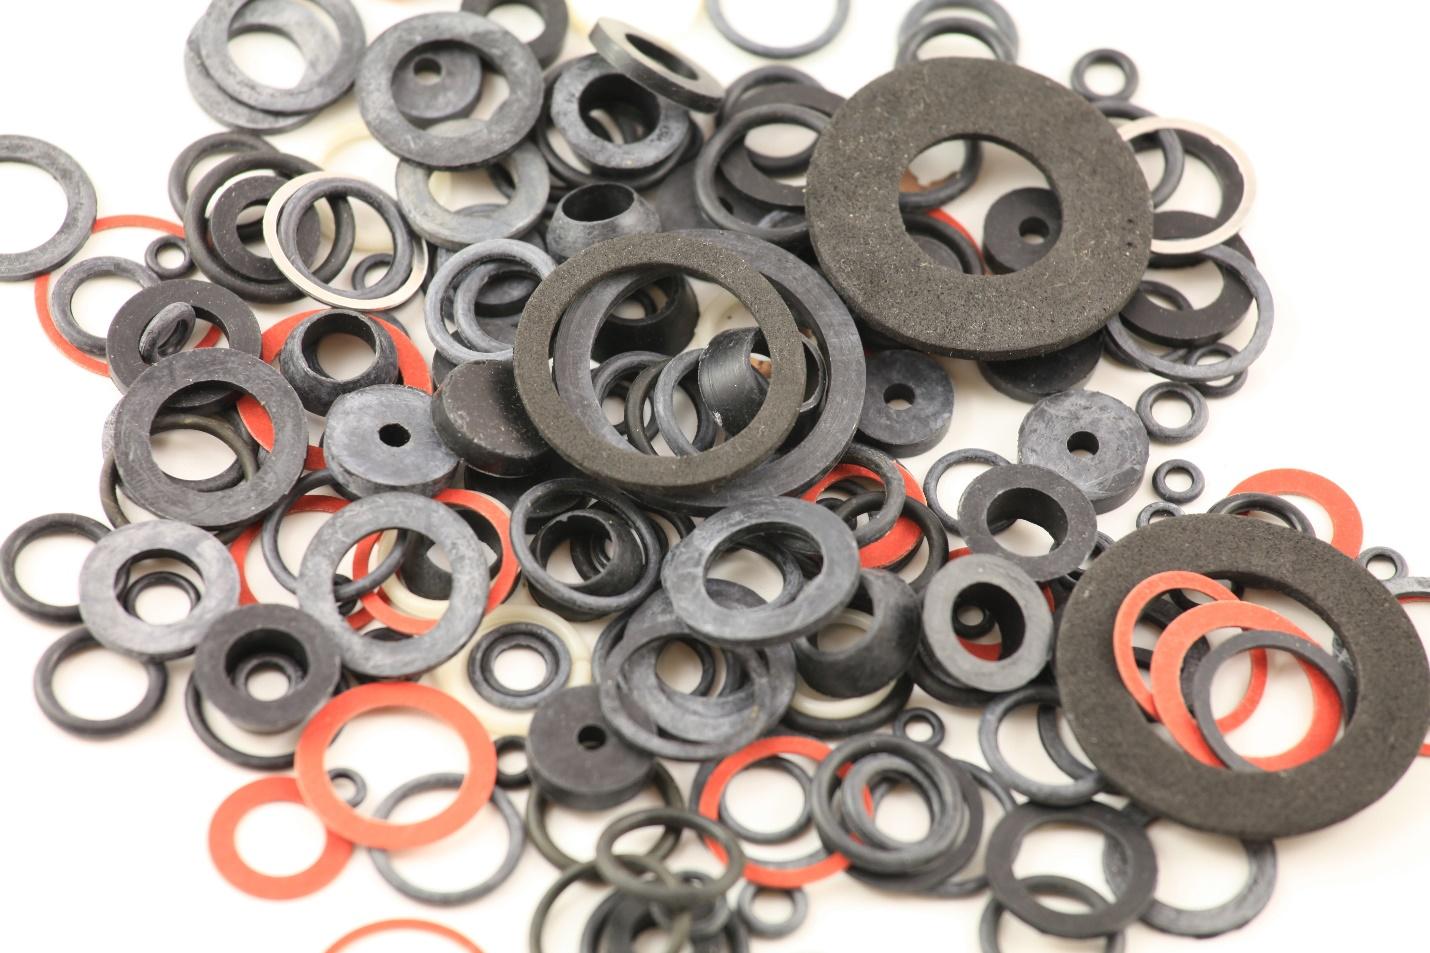 Black and Orange Sealing Rings